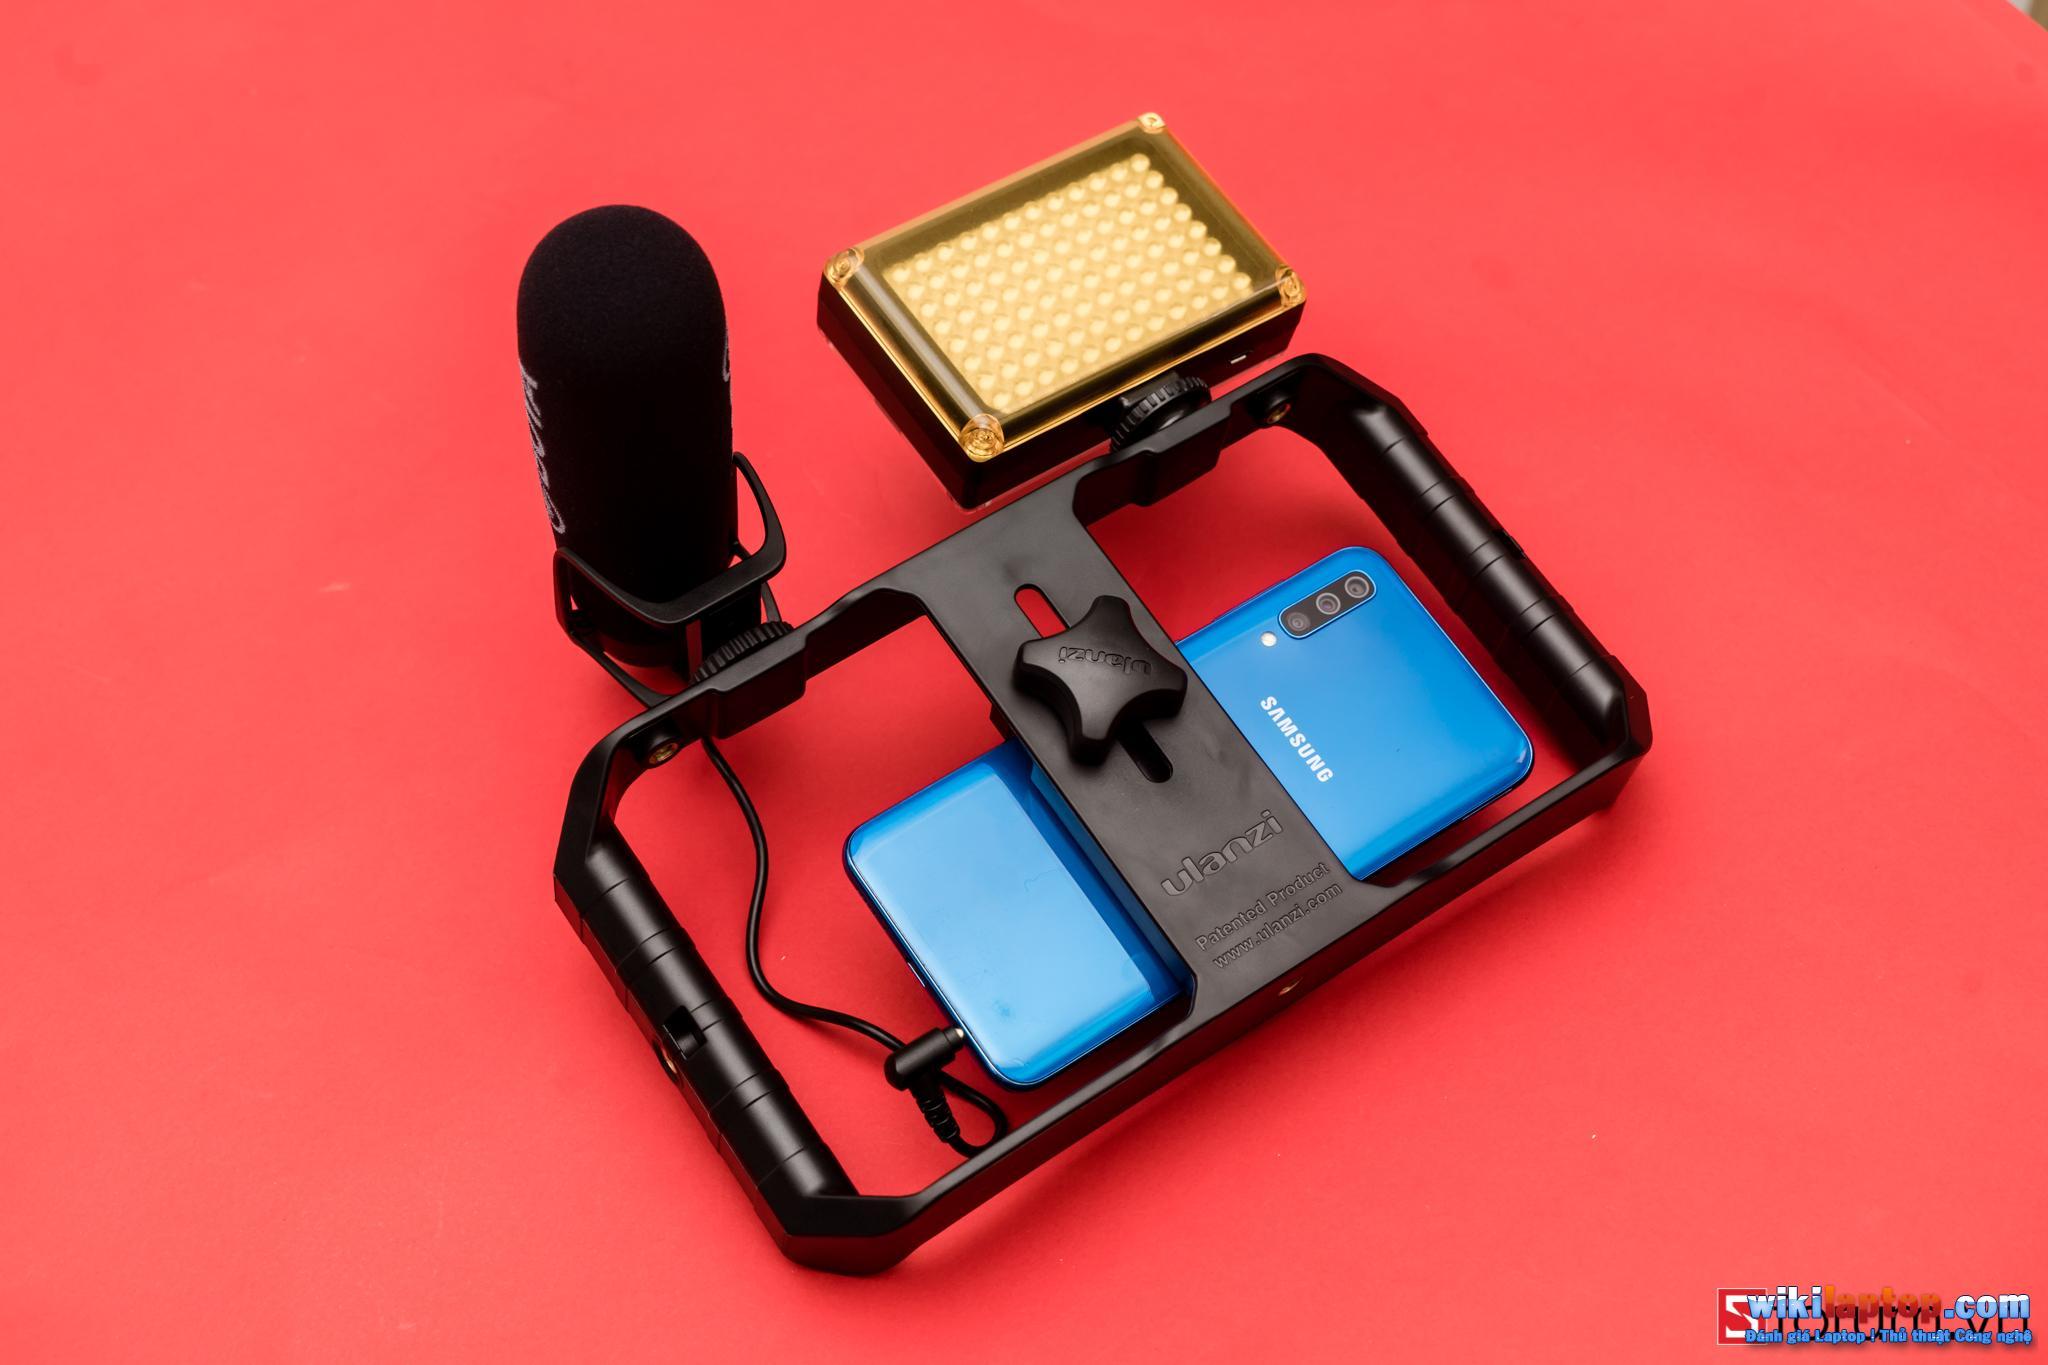 Sforum - Trang thông tin công nghệ mới nhất CPS-Combo-Quay Phim-So-2-46 Trải nghiệm Combo 2 Pro: Phim chống rung mà không cần gimbal?